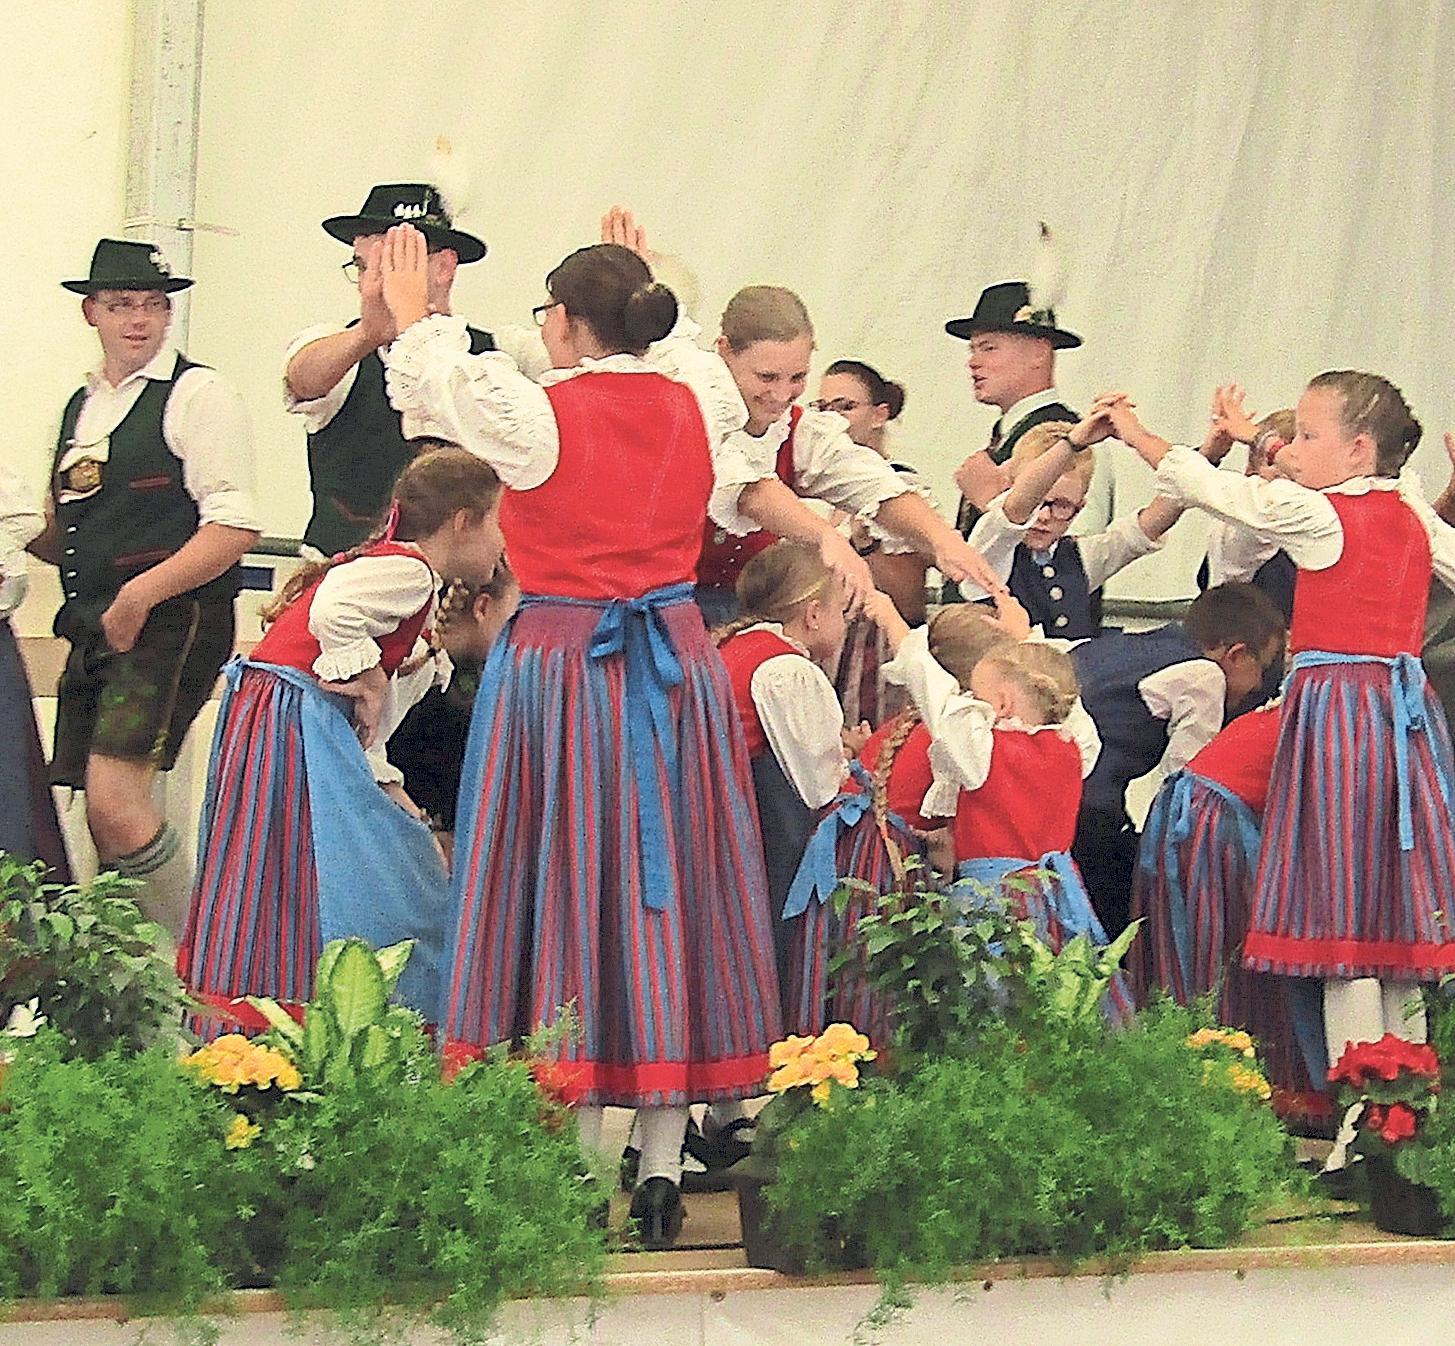 Am Sonntag ab 15 Uhr präsentieren die Mitglieder des Heimat- und Volkstrachtenvereins Auerbach ihre einstudierten Tänze.